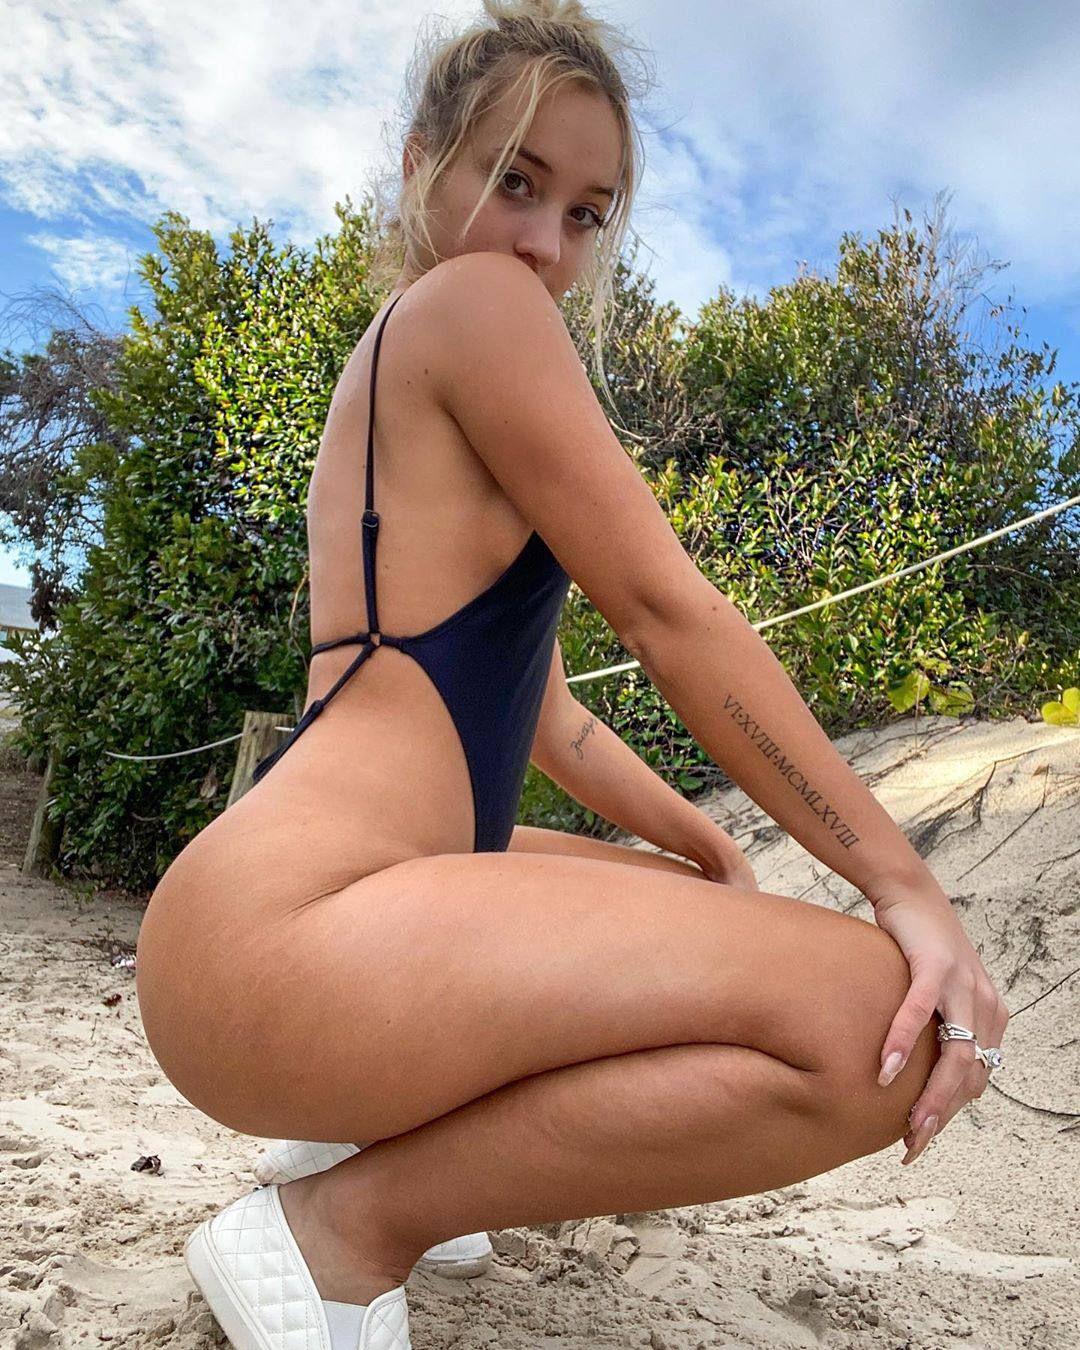 Jenni Niemaann Sexy & Topless 0013